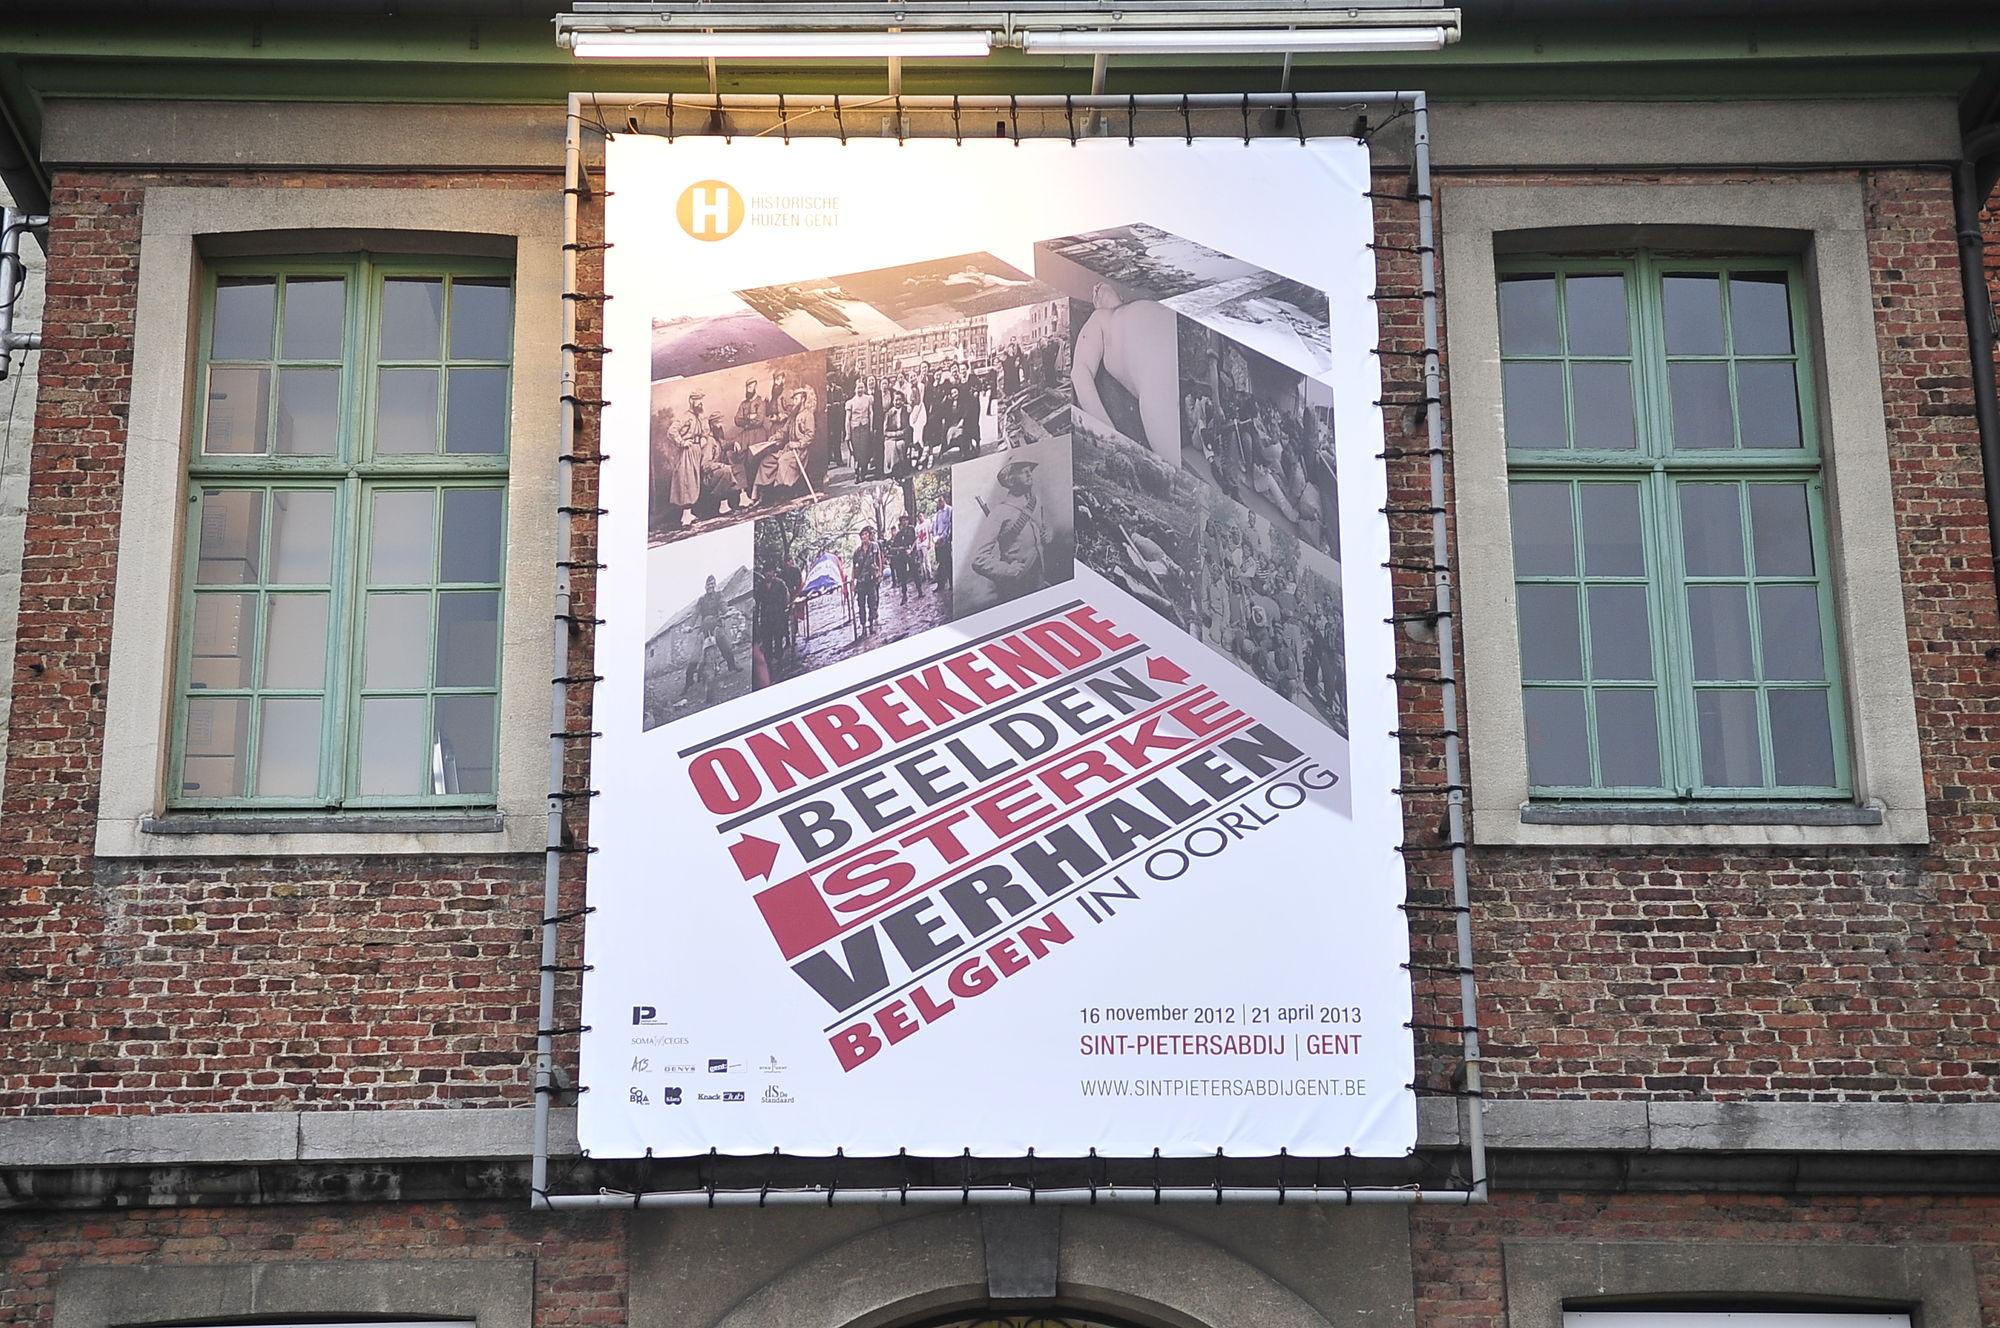 Onbekende beelden, sterke verhalen. Belgen in oorlog 28